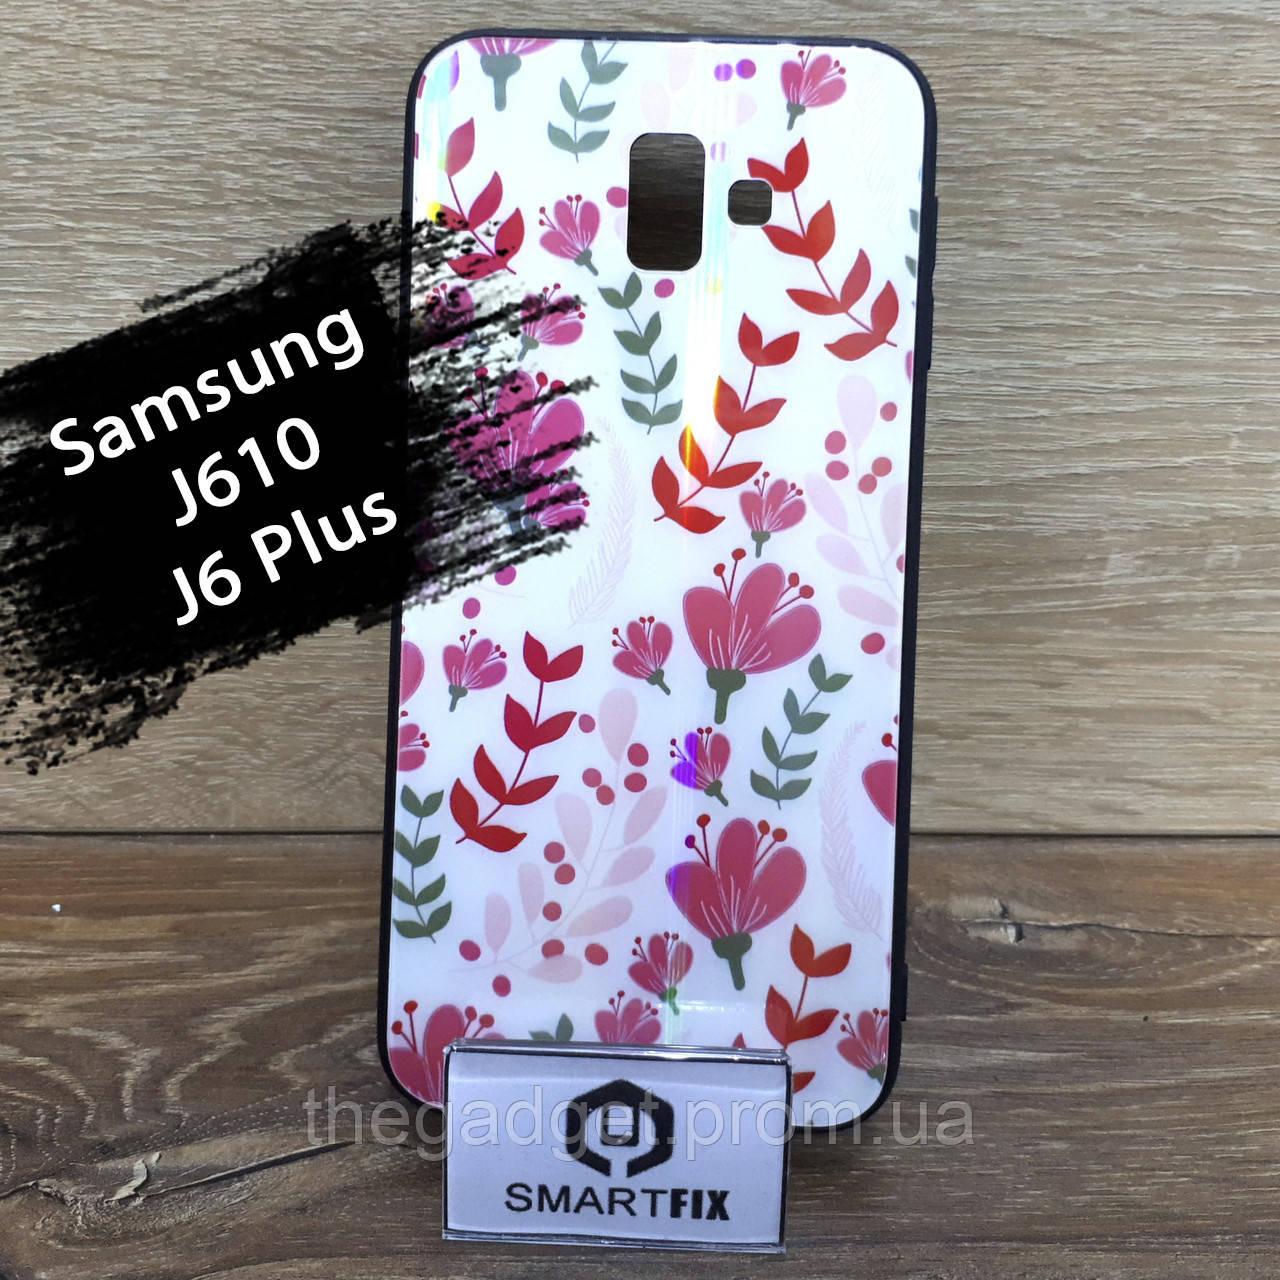 Чехол с рисунком для Samsung J6 Plus / J610